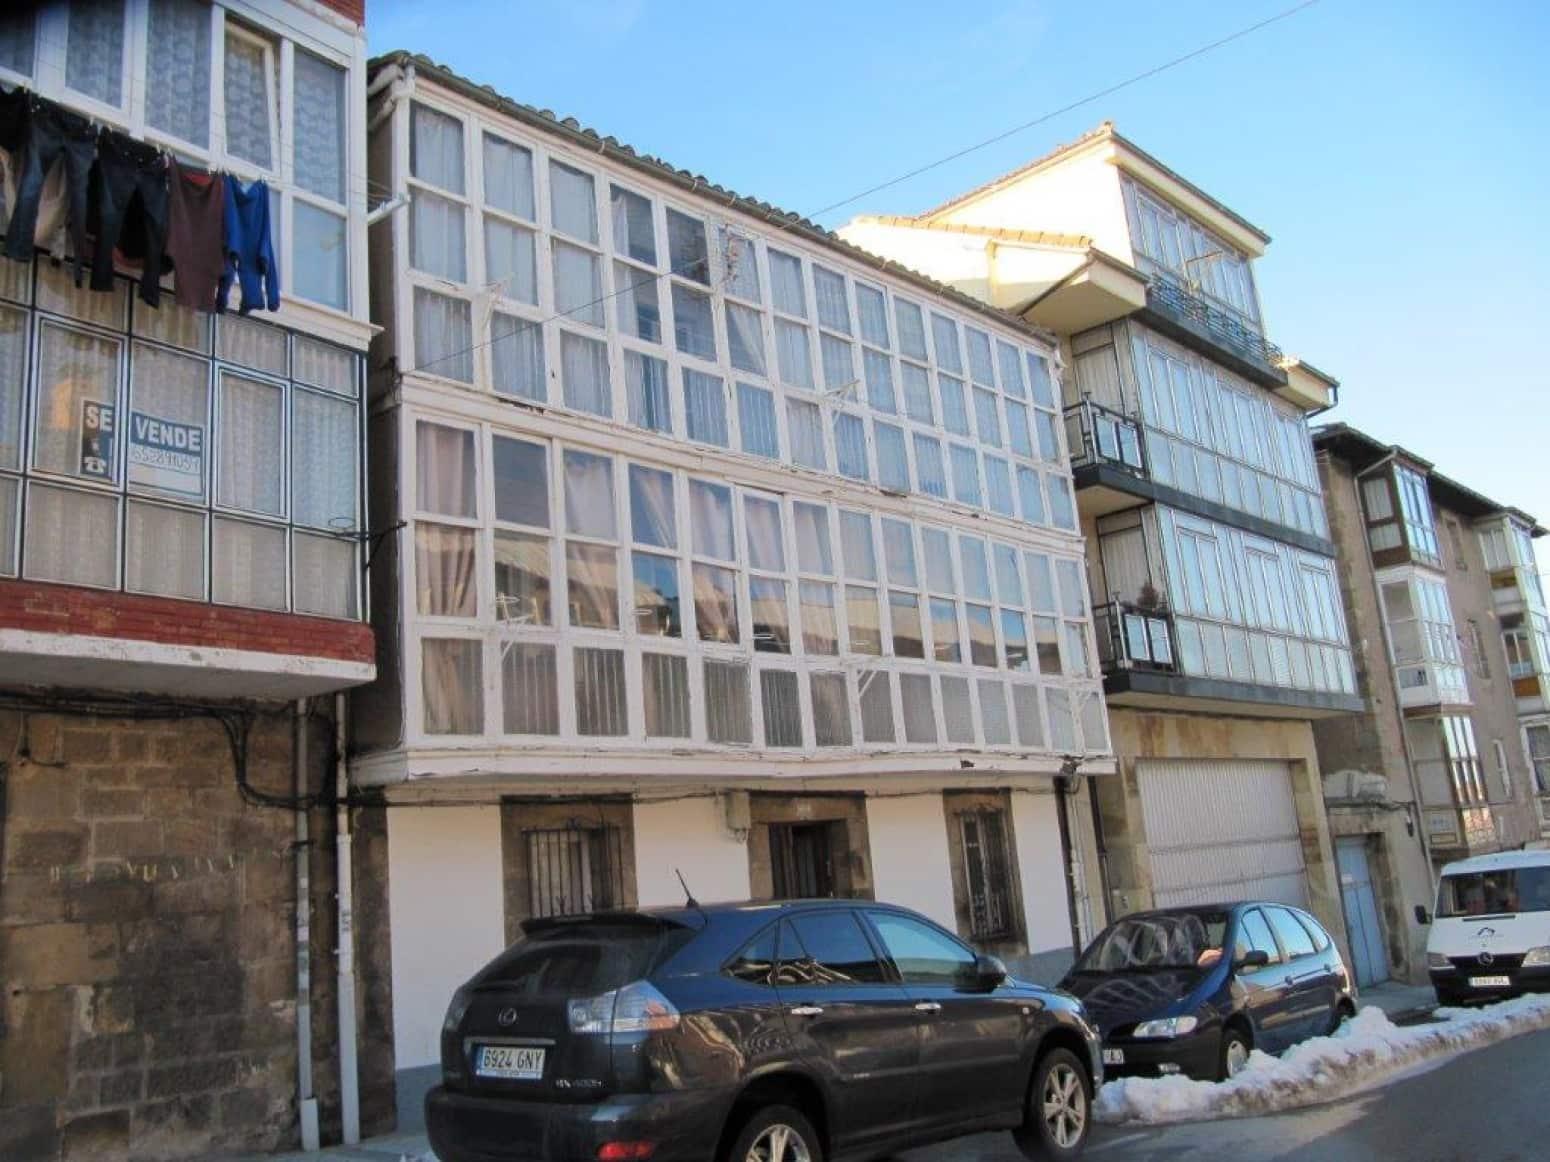 Mieszkanie na sprzedaż w Reinosa - 330 000 € (Ref: 4688353)